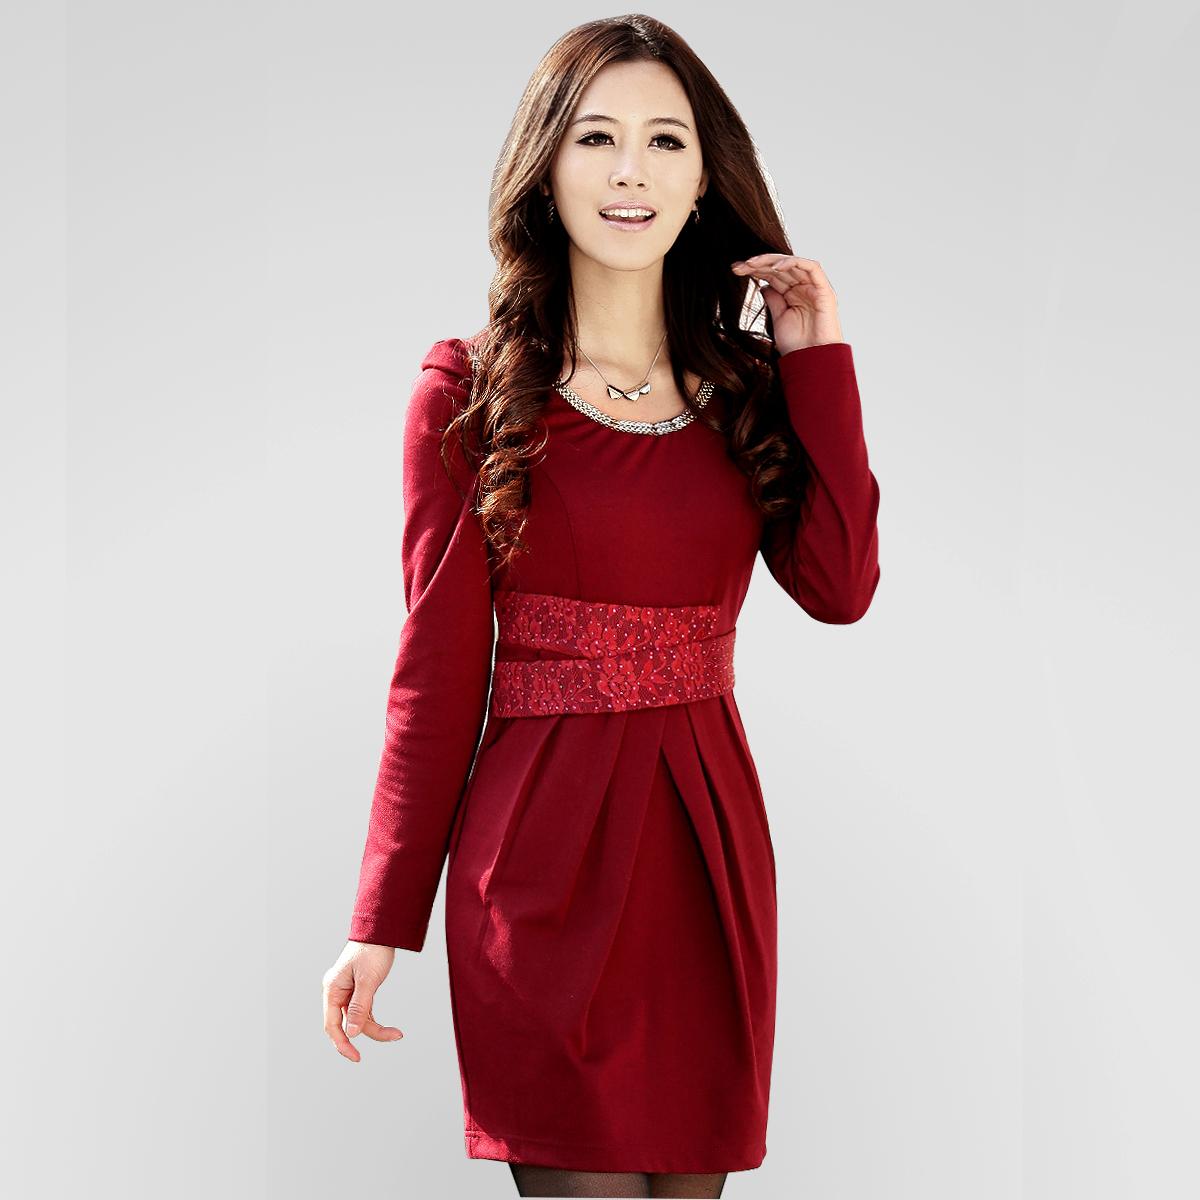 Женское платье Goldwater style yy1205 2012 Осень 2012 Разные